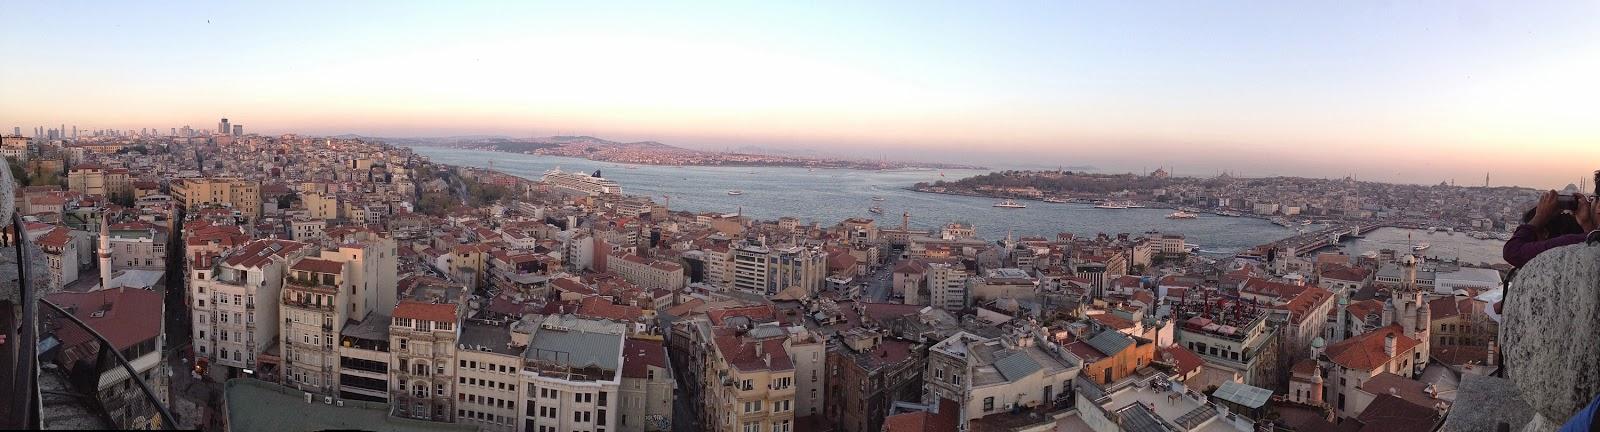 Galata Kulesinden İstanbul Görünümü